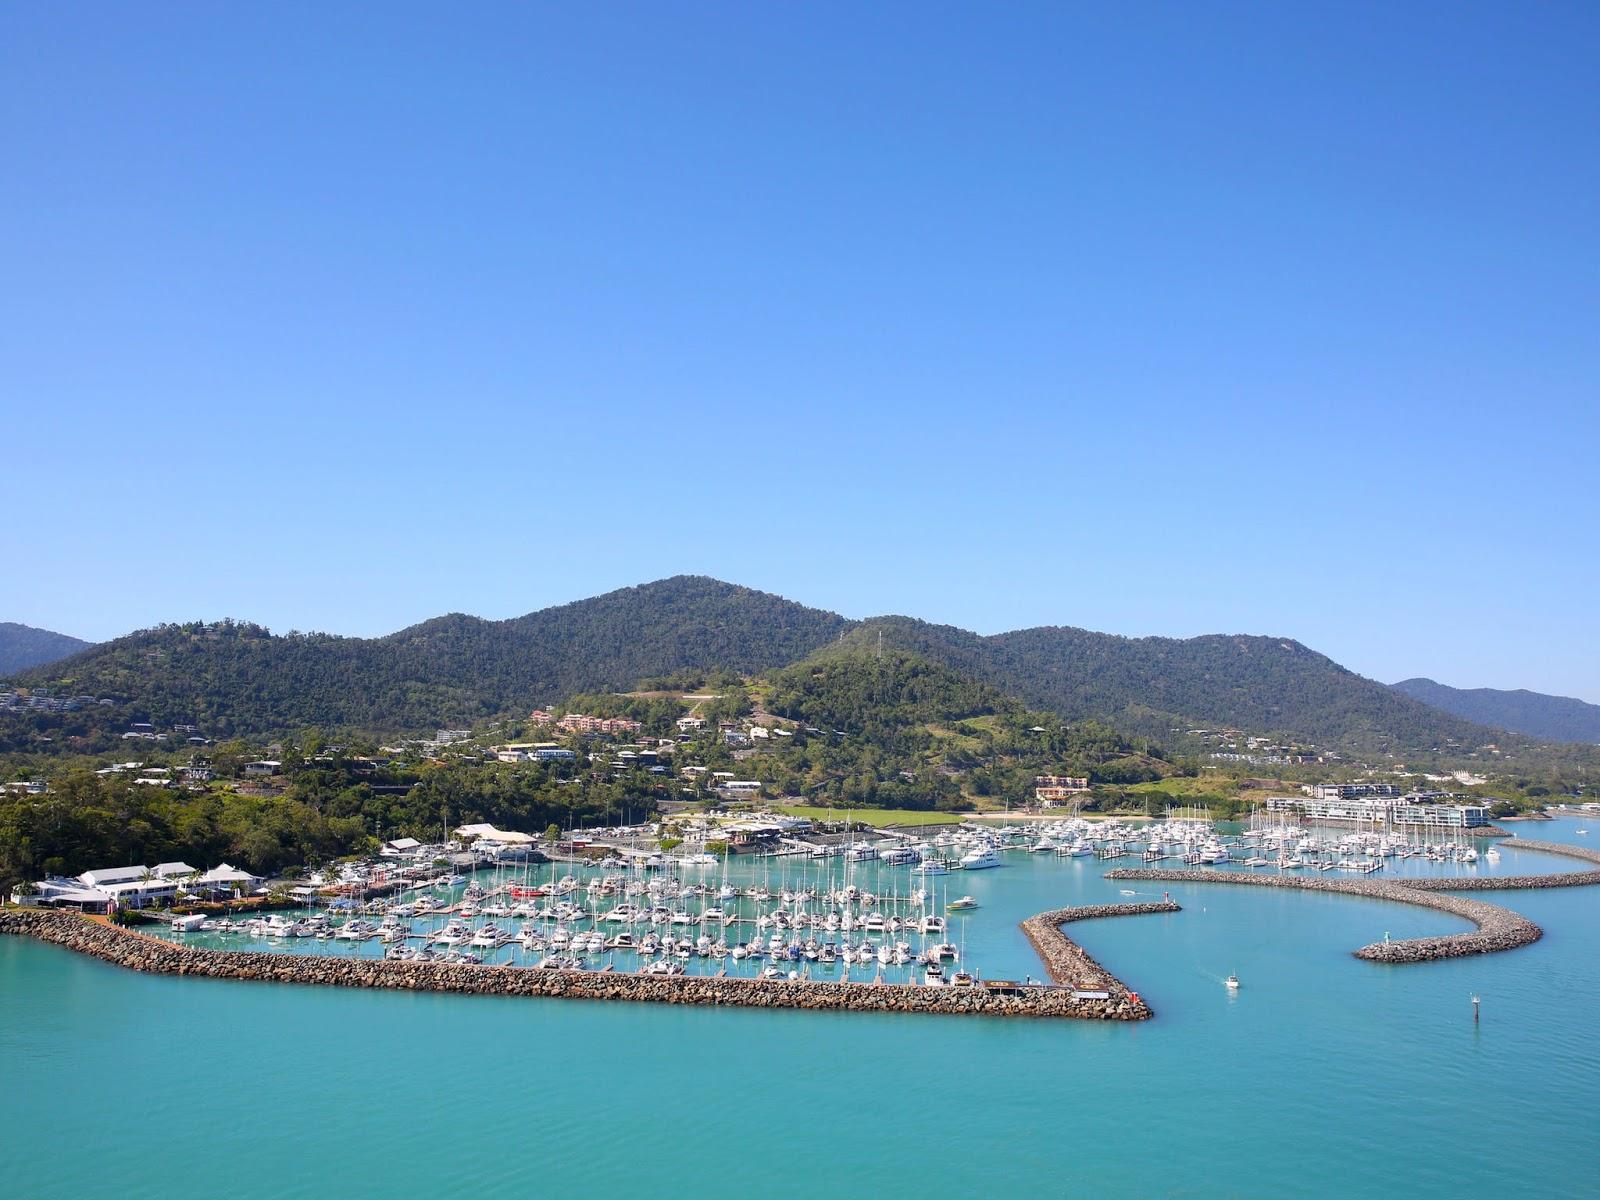 聖靈群島-艾爾利海灘-推薦-景點-珊瑚海碼頭-Coral-Sea-Marina-市區-旅遊-觀光-行程-遊記-自由行-一日遊-半日遊-Airlie-Beach-Travel-Attraction